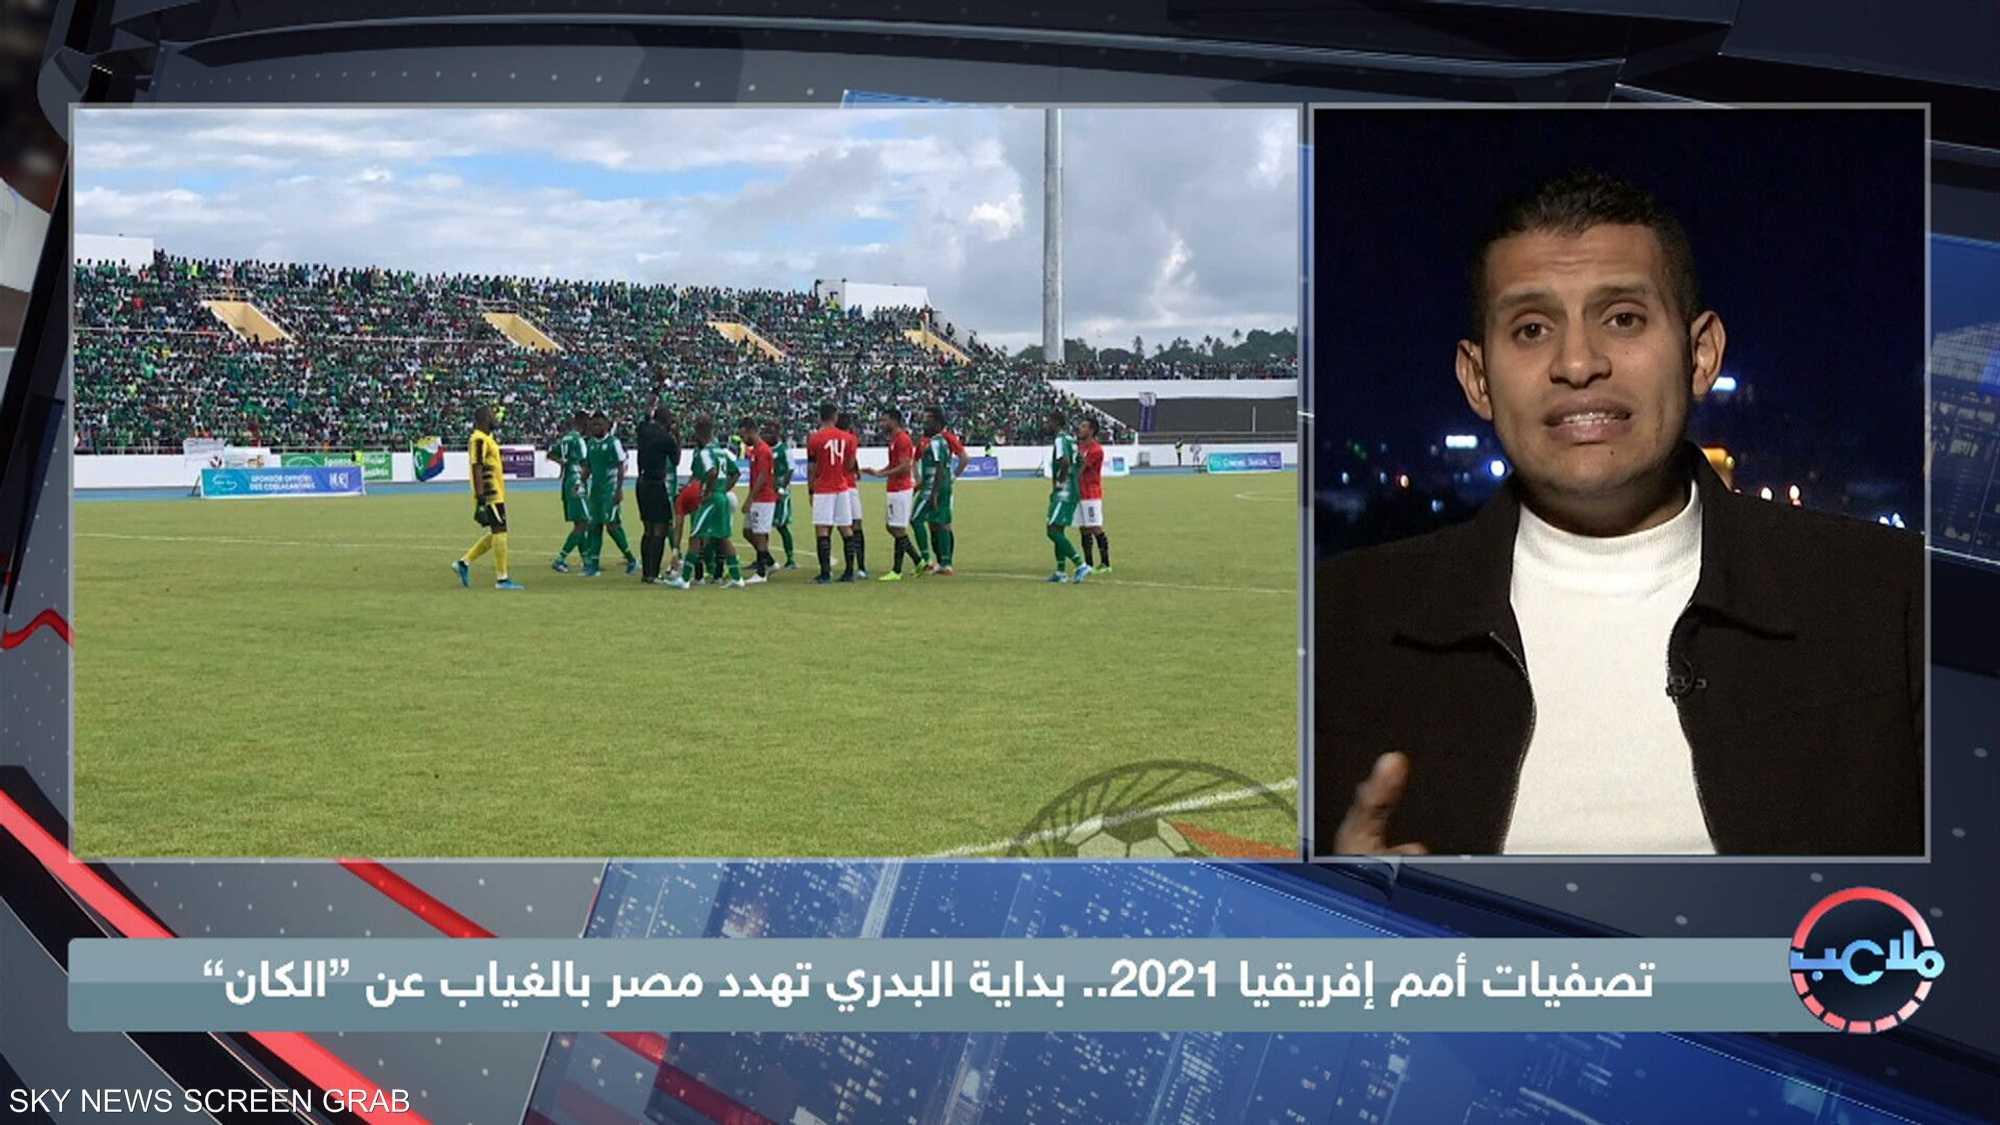 الصحفي الرياضي عمر ربيع ياسين